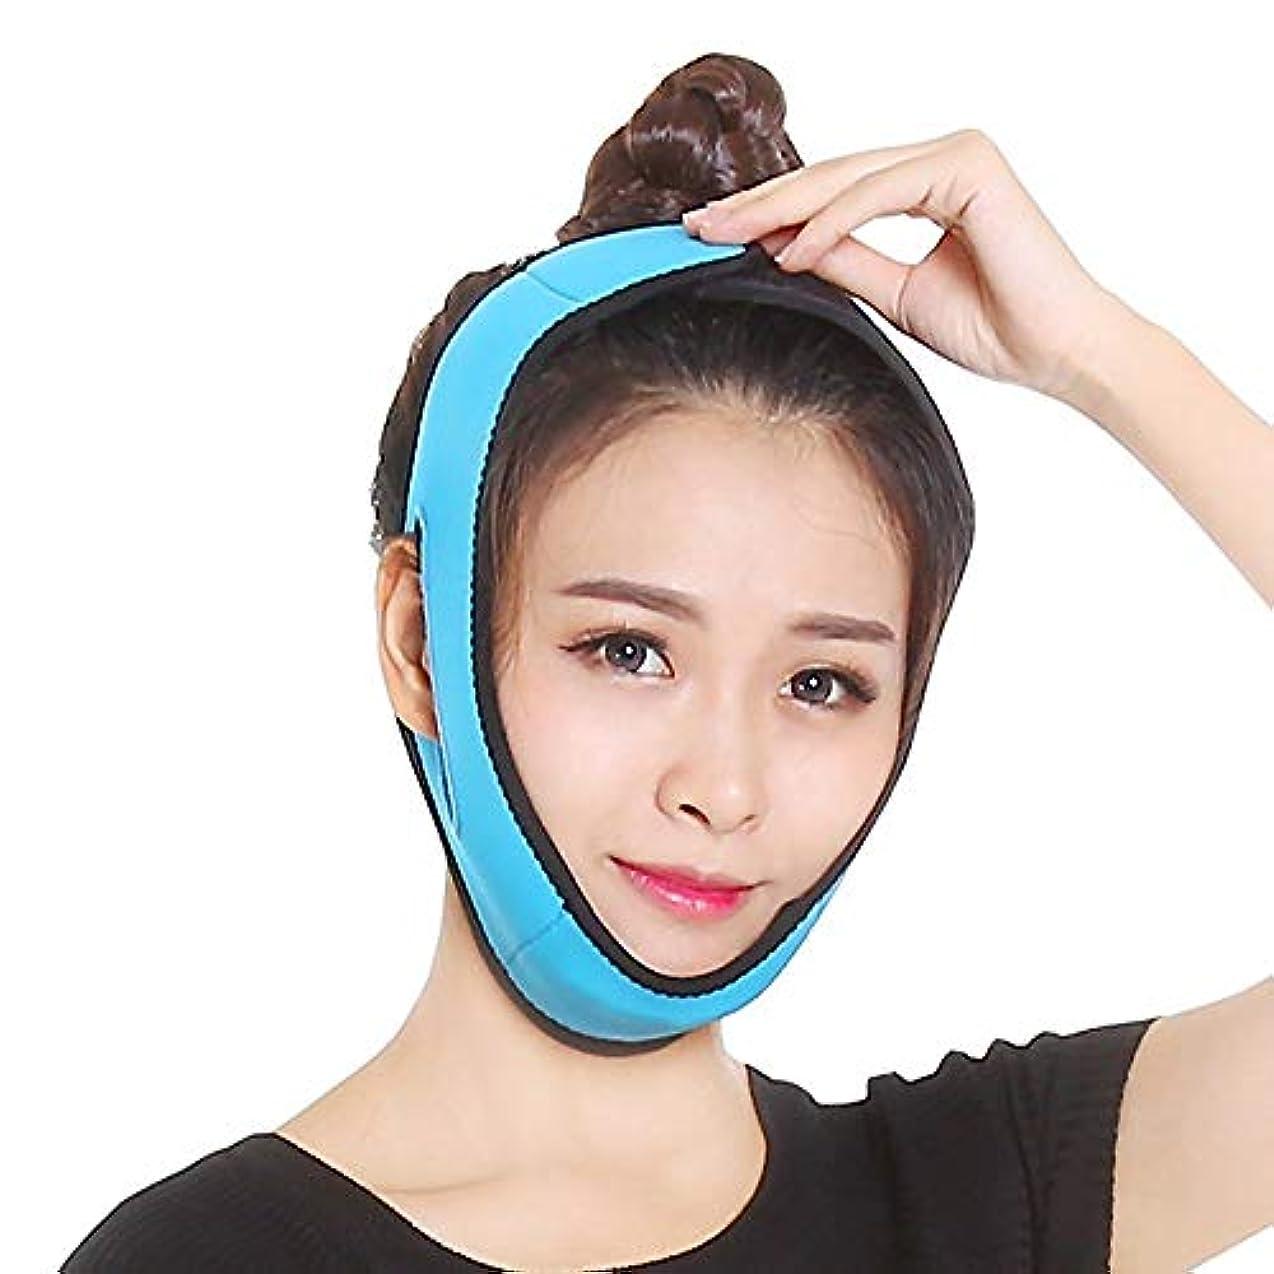 交差点通貨南東GYZ フェイシャルリフティングスリミングベルト - 薄いフェイス包帯二重あごデバイス無料フェイシャルマッサージ整形マスクを引き締める顔と首の顔スリム Thin Face Belt